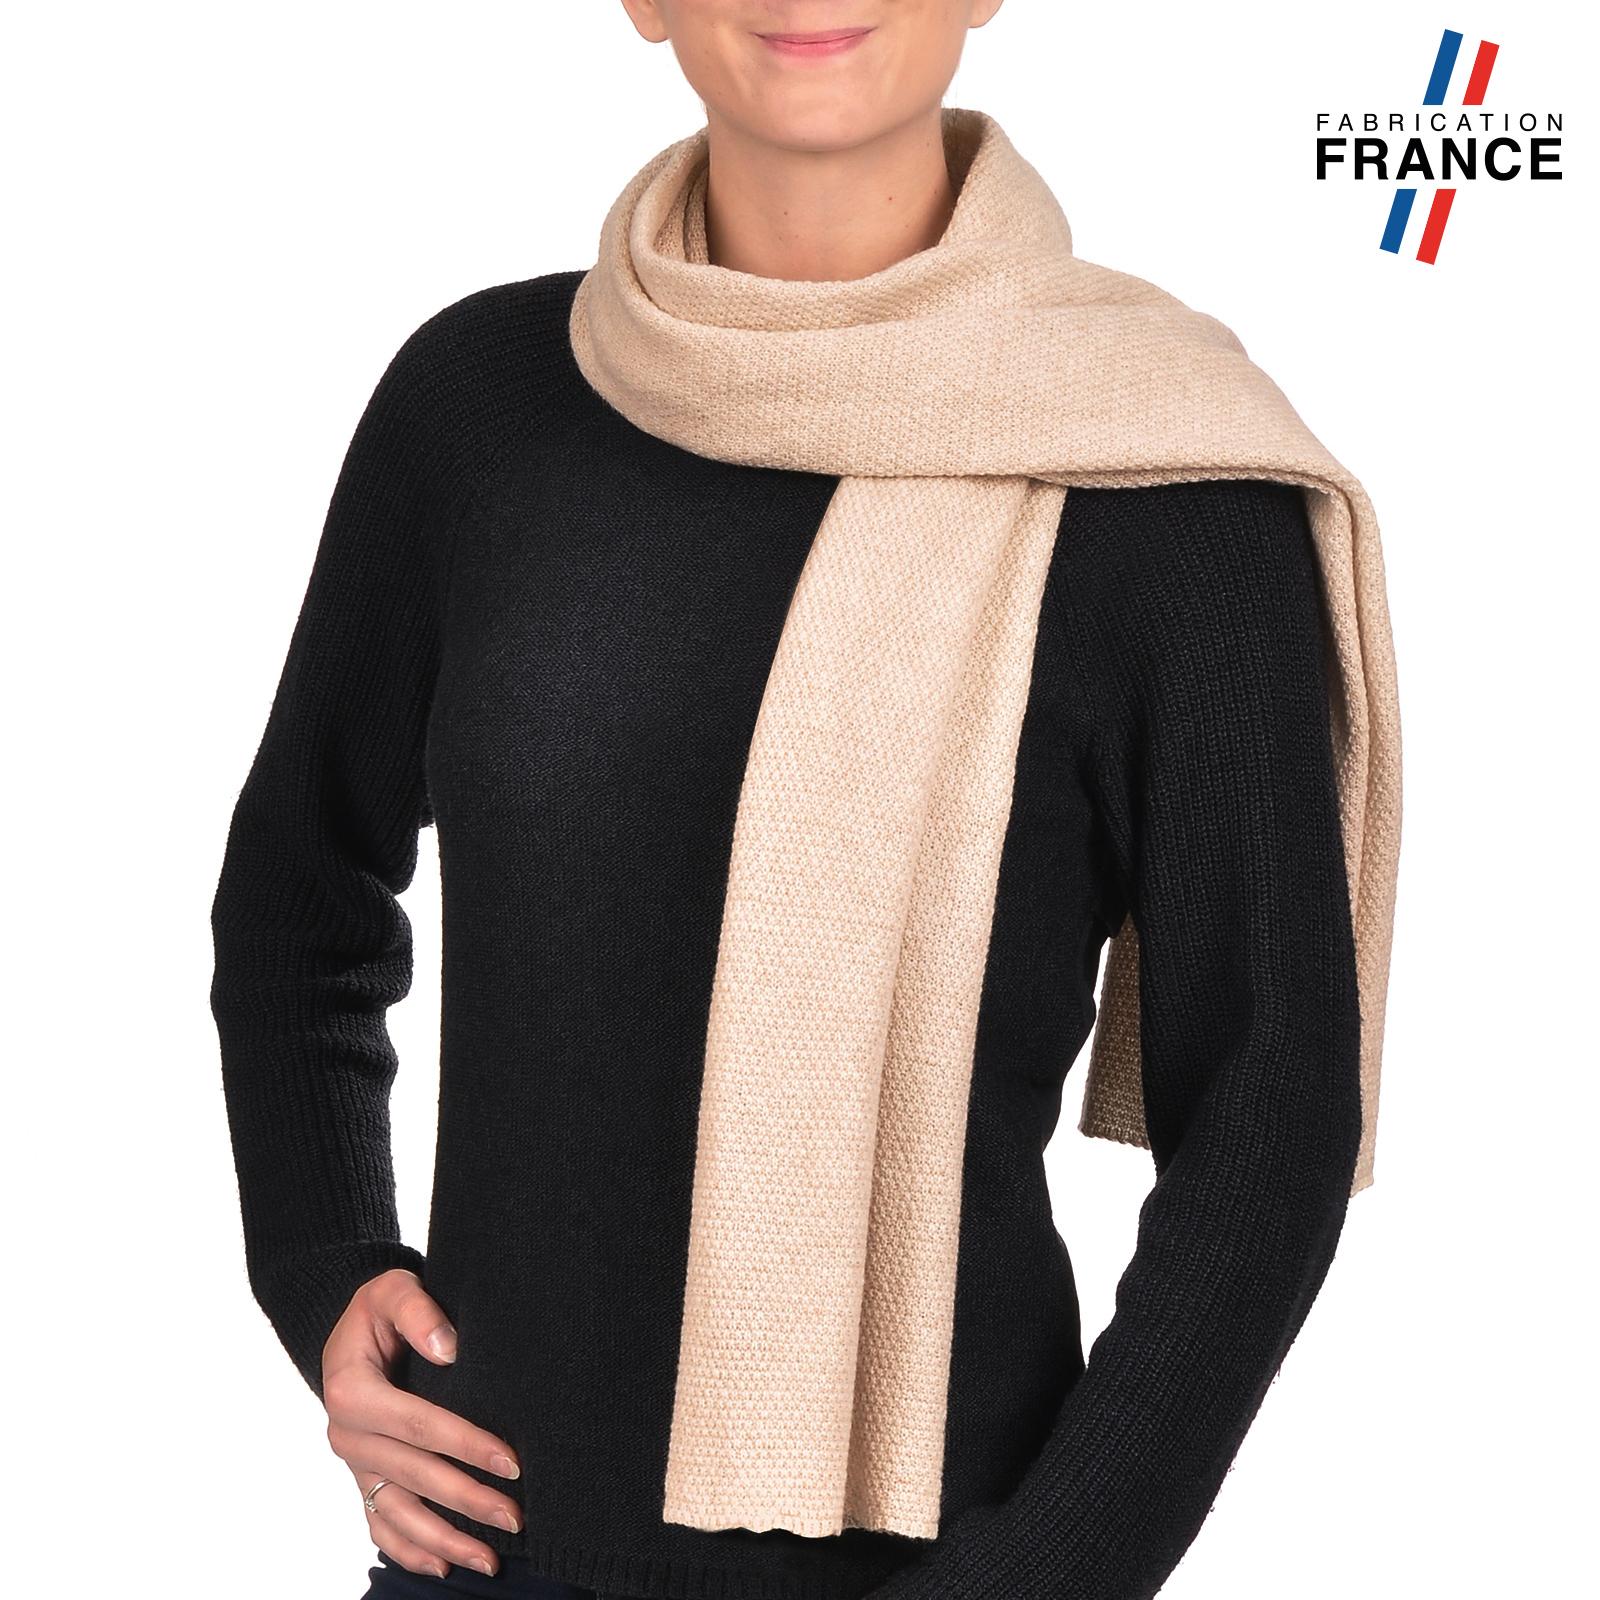 AT-03187-V16-echarpe-laine-cachemire-beige-uni-fabrication-francaise